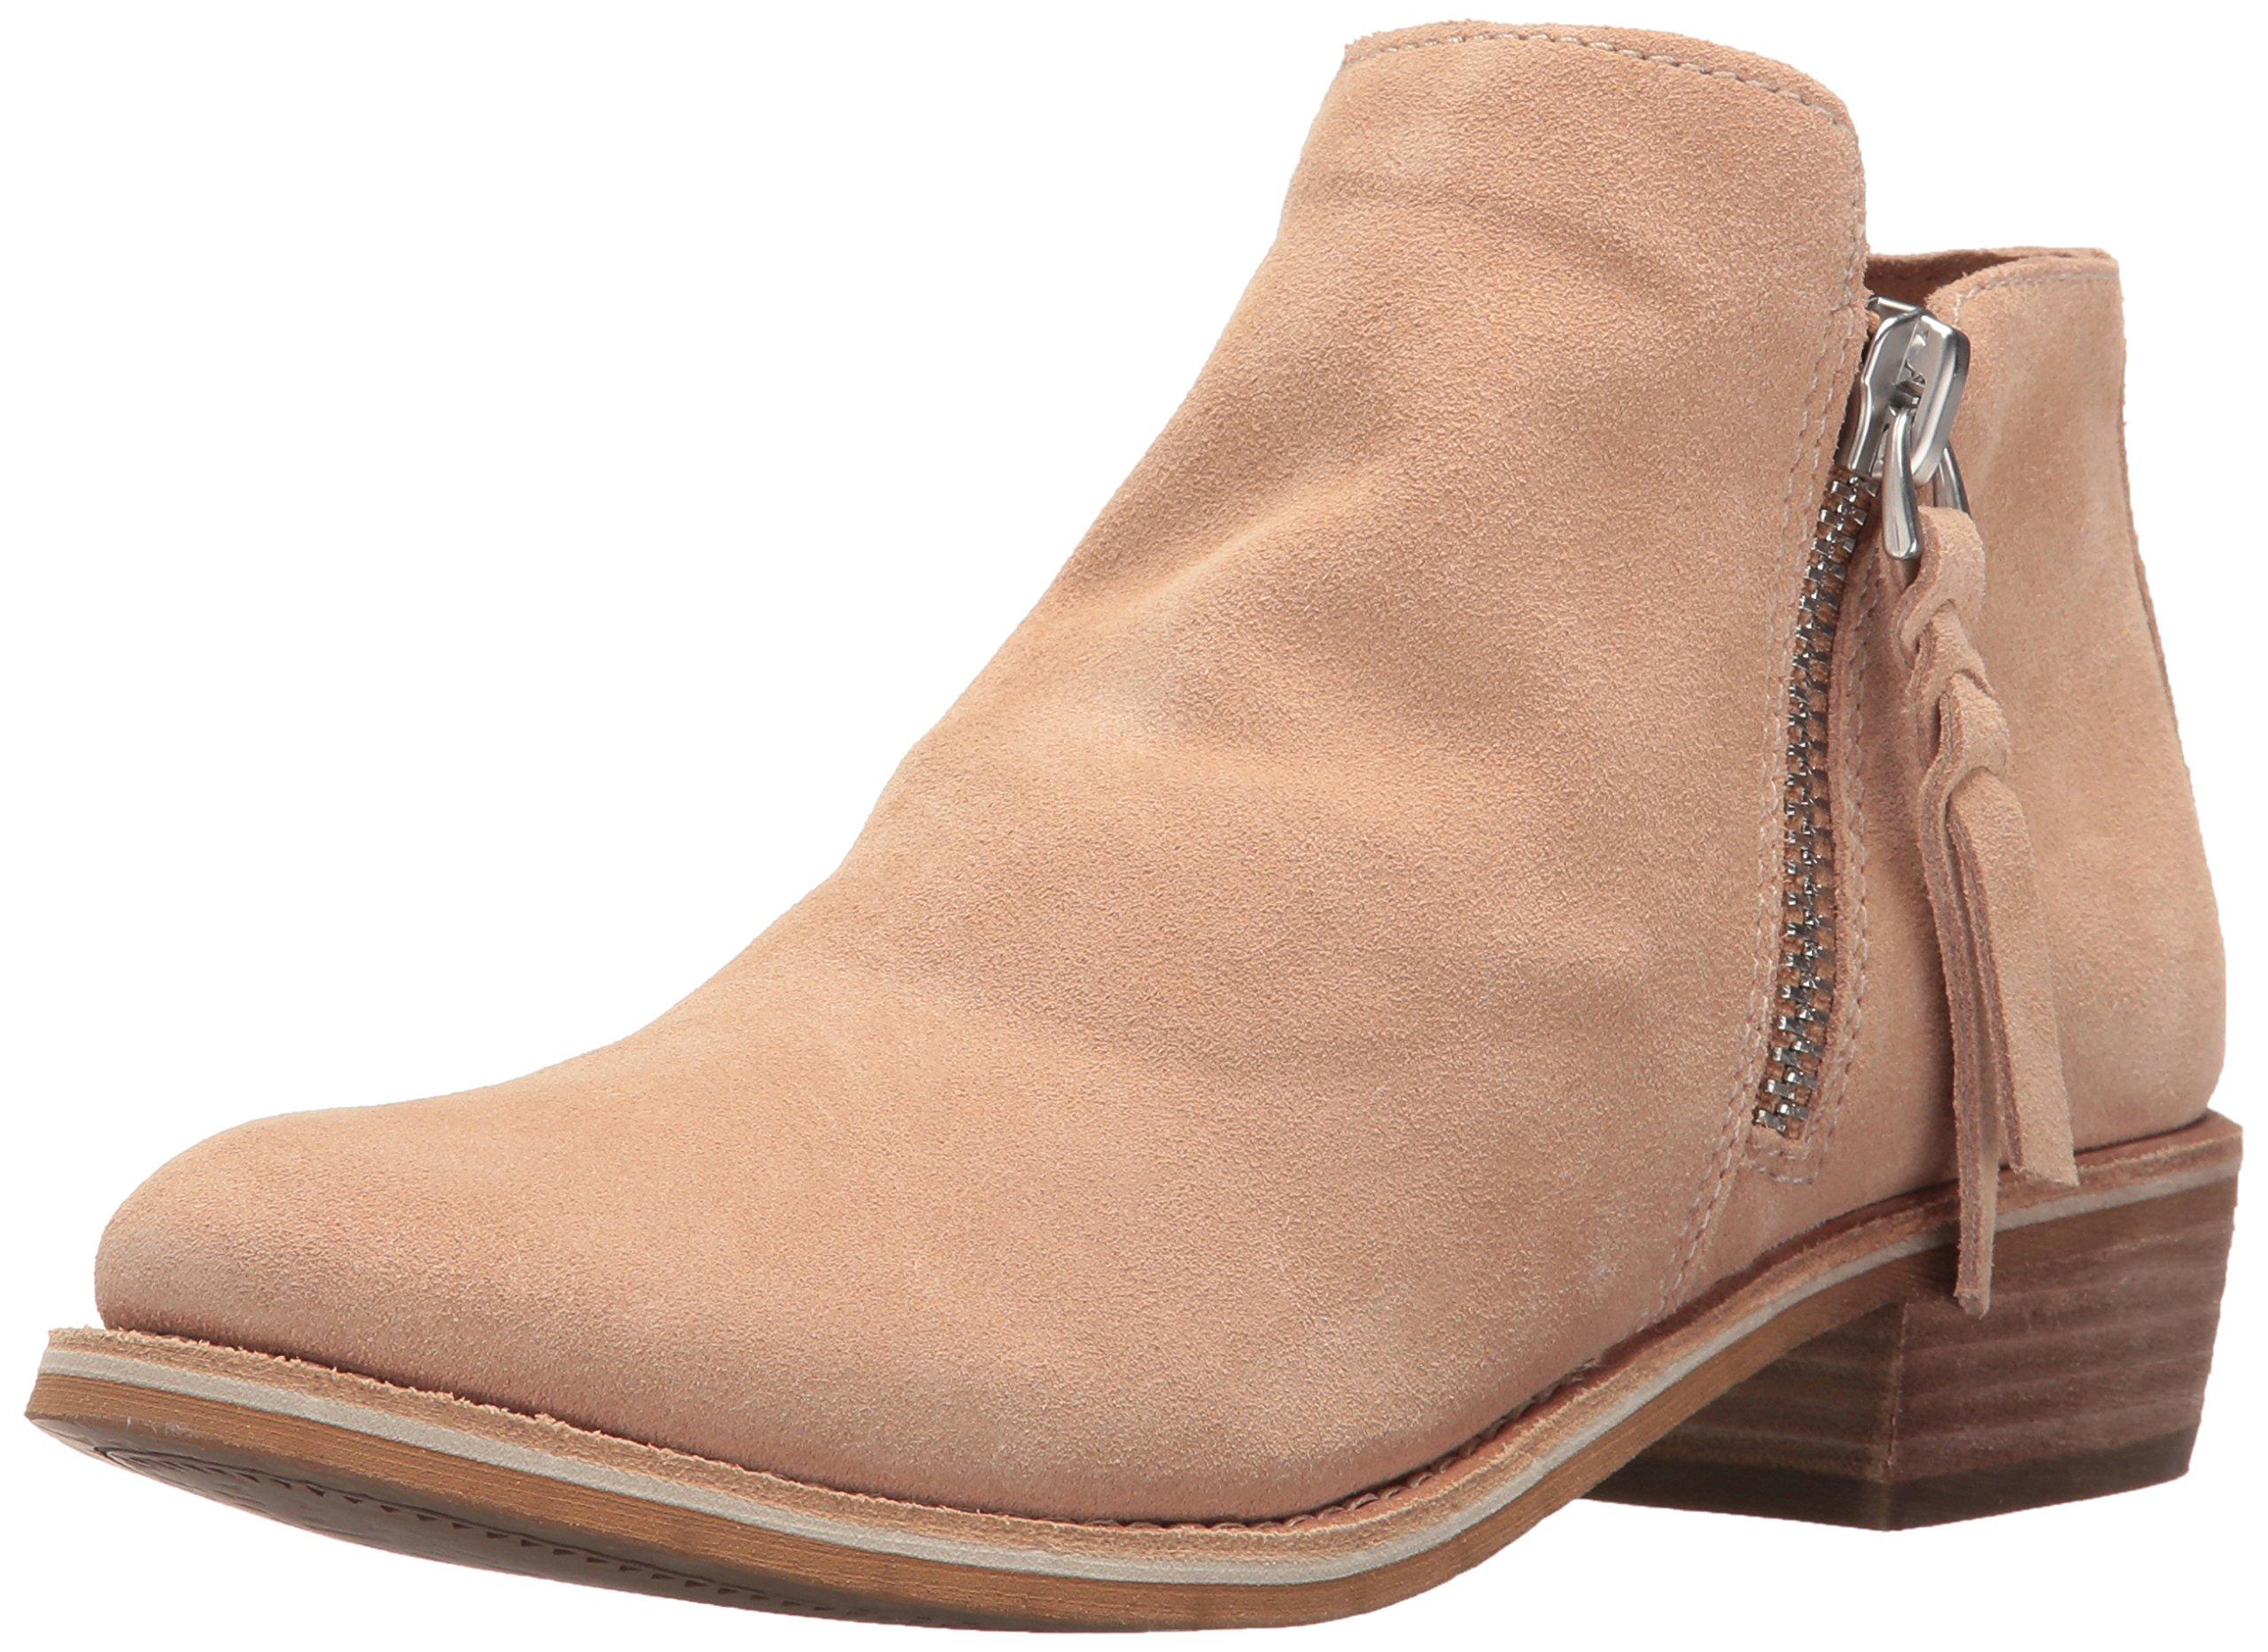 Dolce Vita Women's Sutton Boot, Blush Suede, 6.5 M US